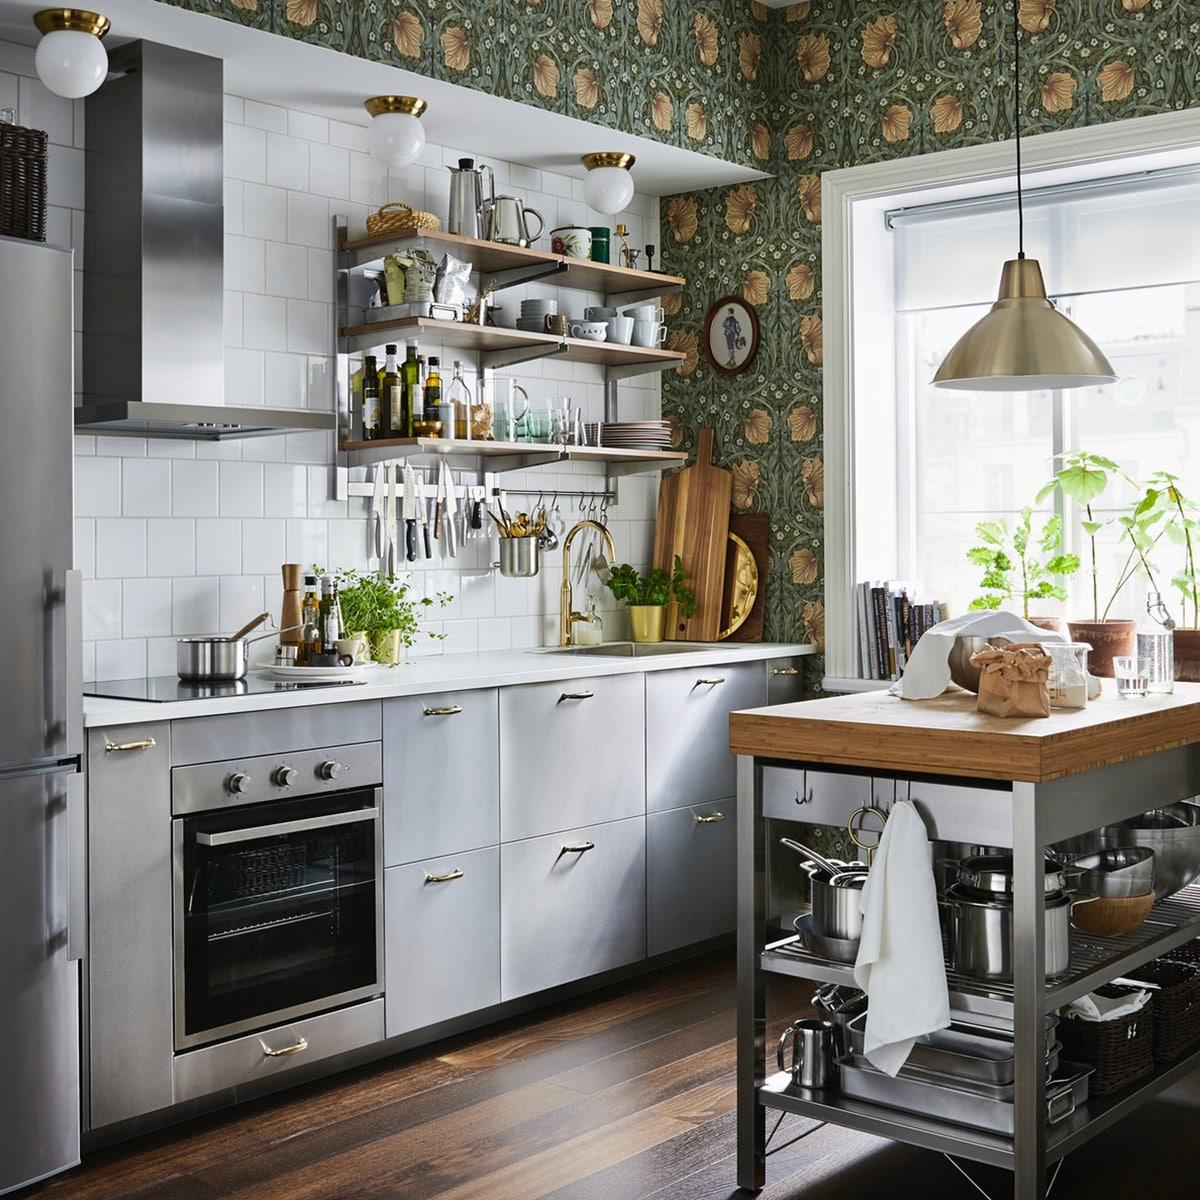 Kücheninspiration - IKEA